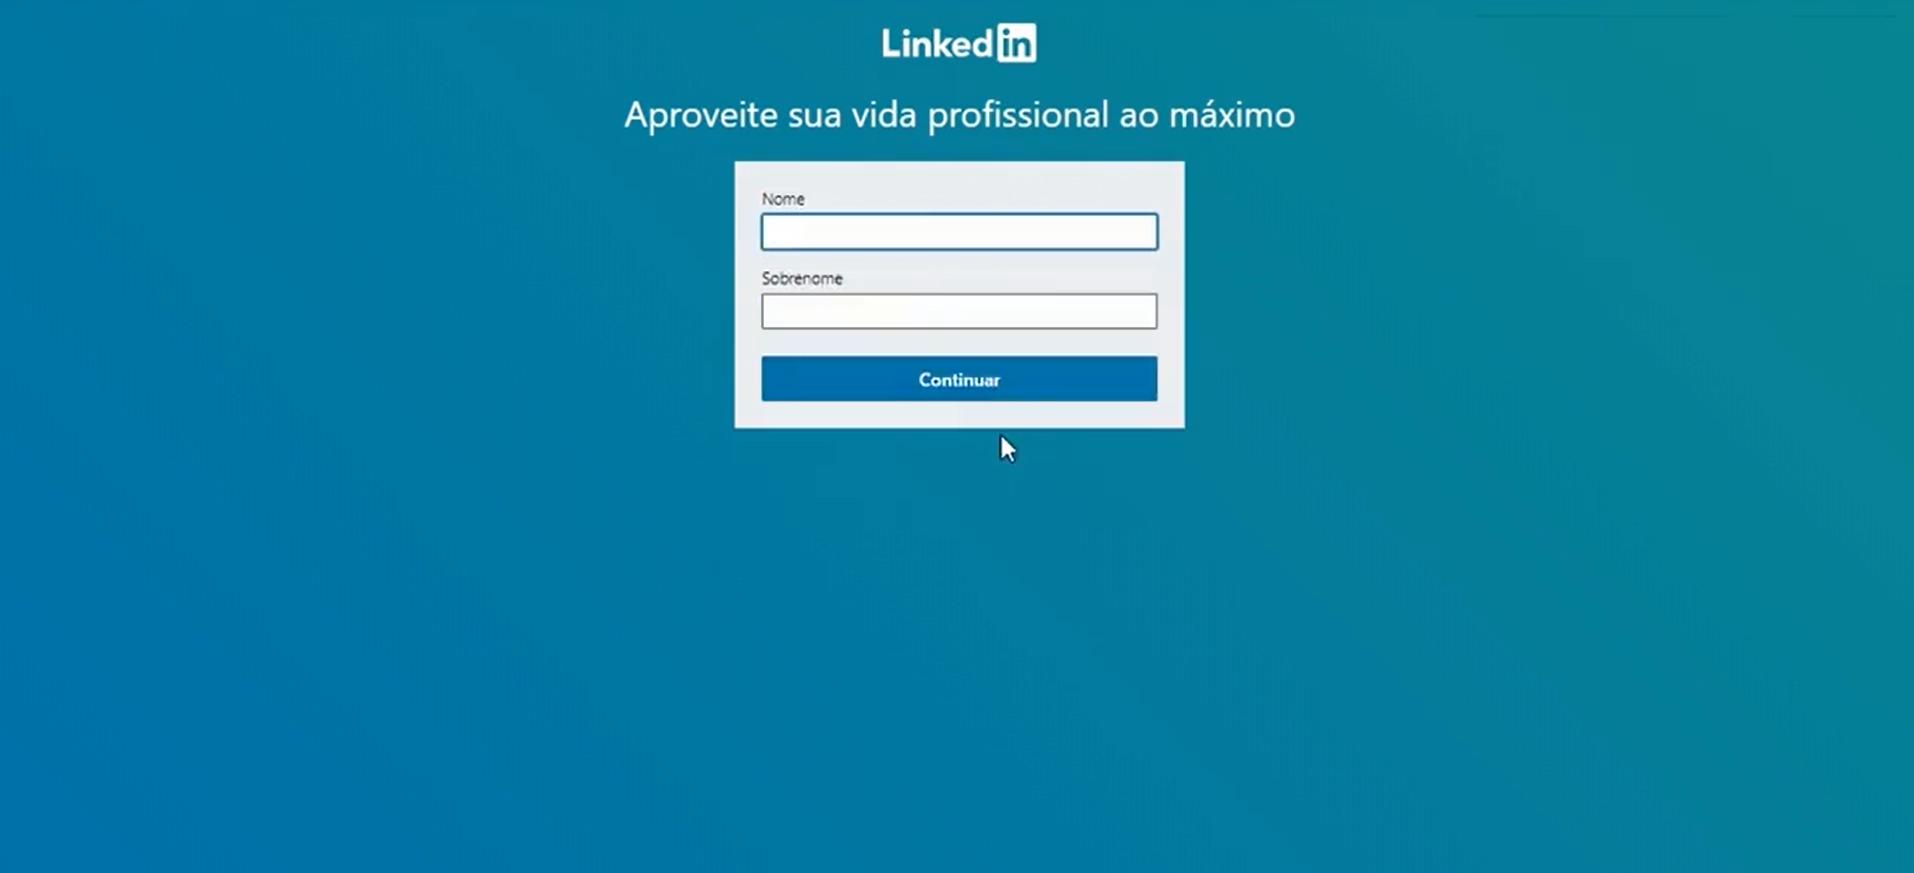 Para dar continuidade à criação do seu perfil no LinkedIn, preencha seu nome e sobrenome e clique em continuar (Foto: Reprodução)